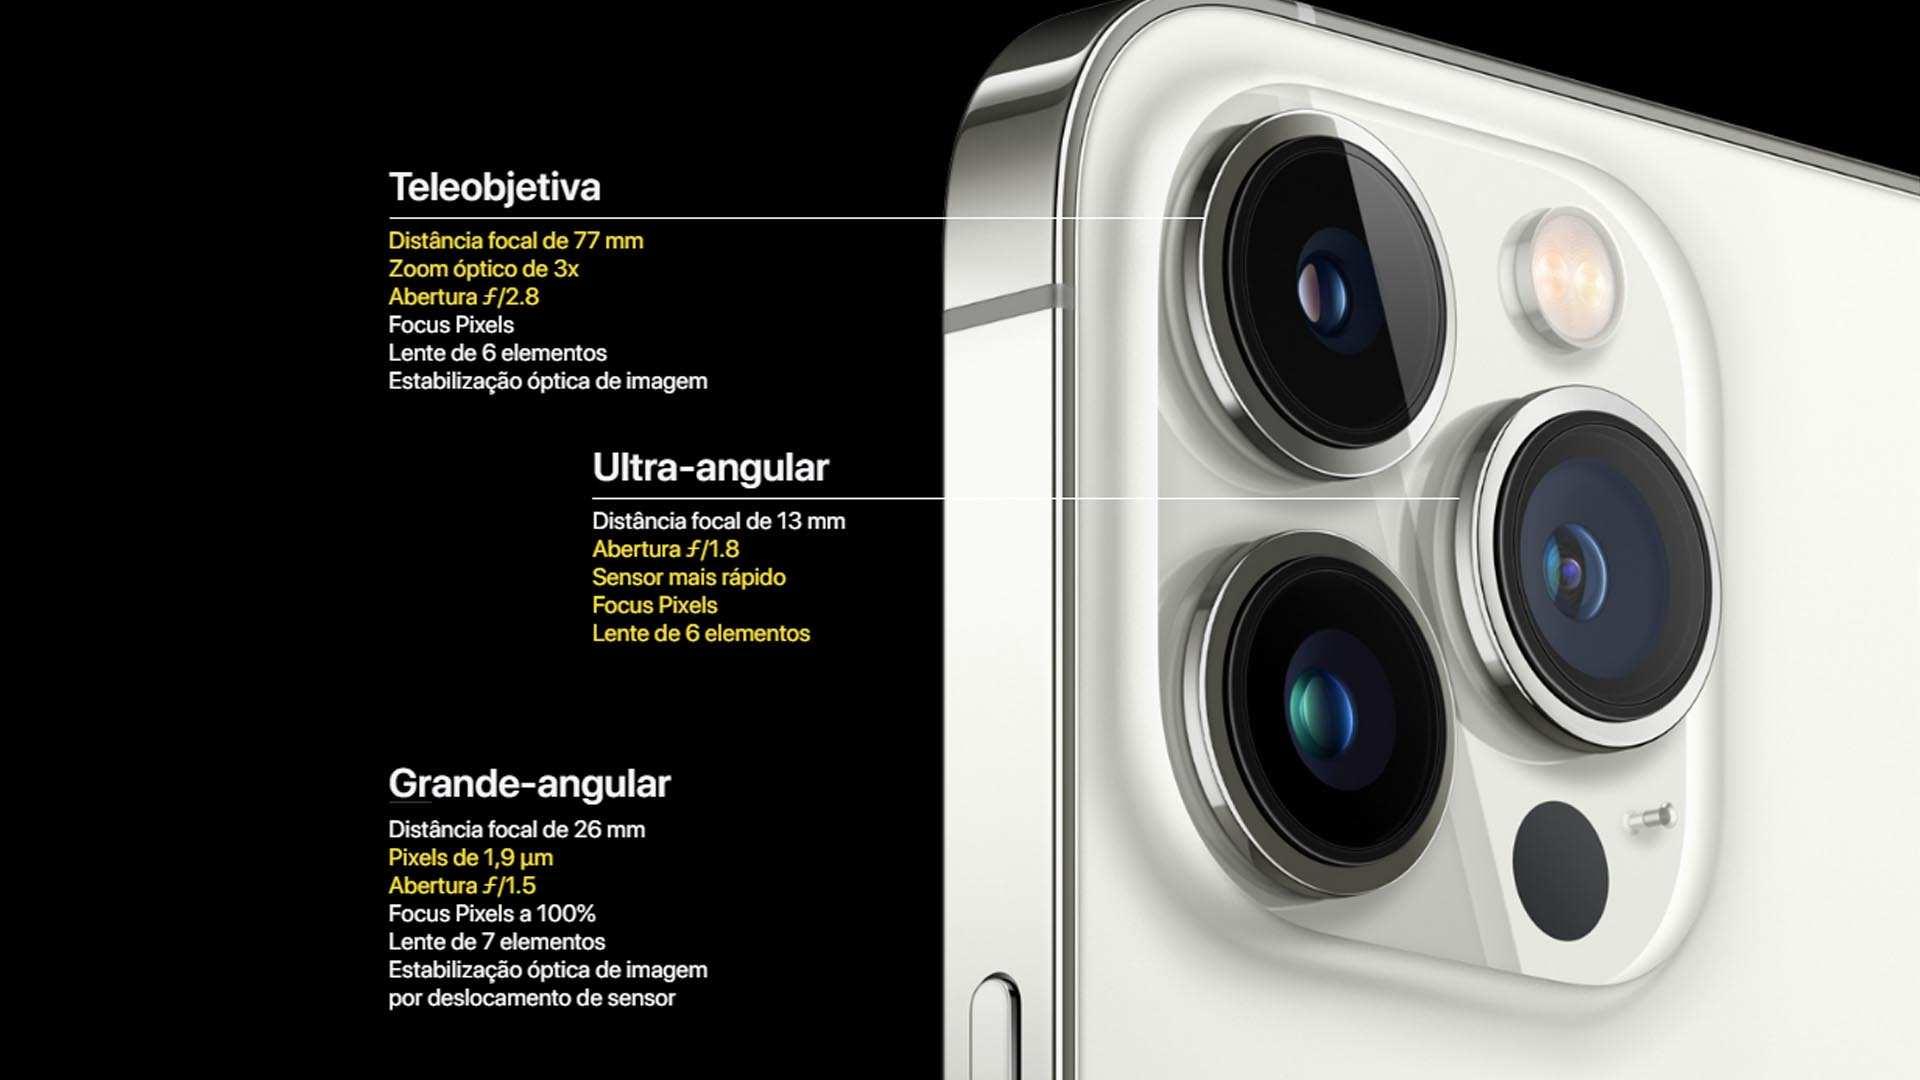 Imagem que mostra as três câmeras do iPhone 13 Pro e dá detalhes sobre suas especificações